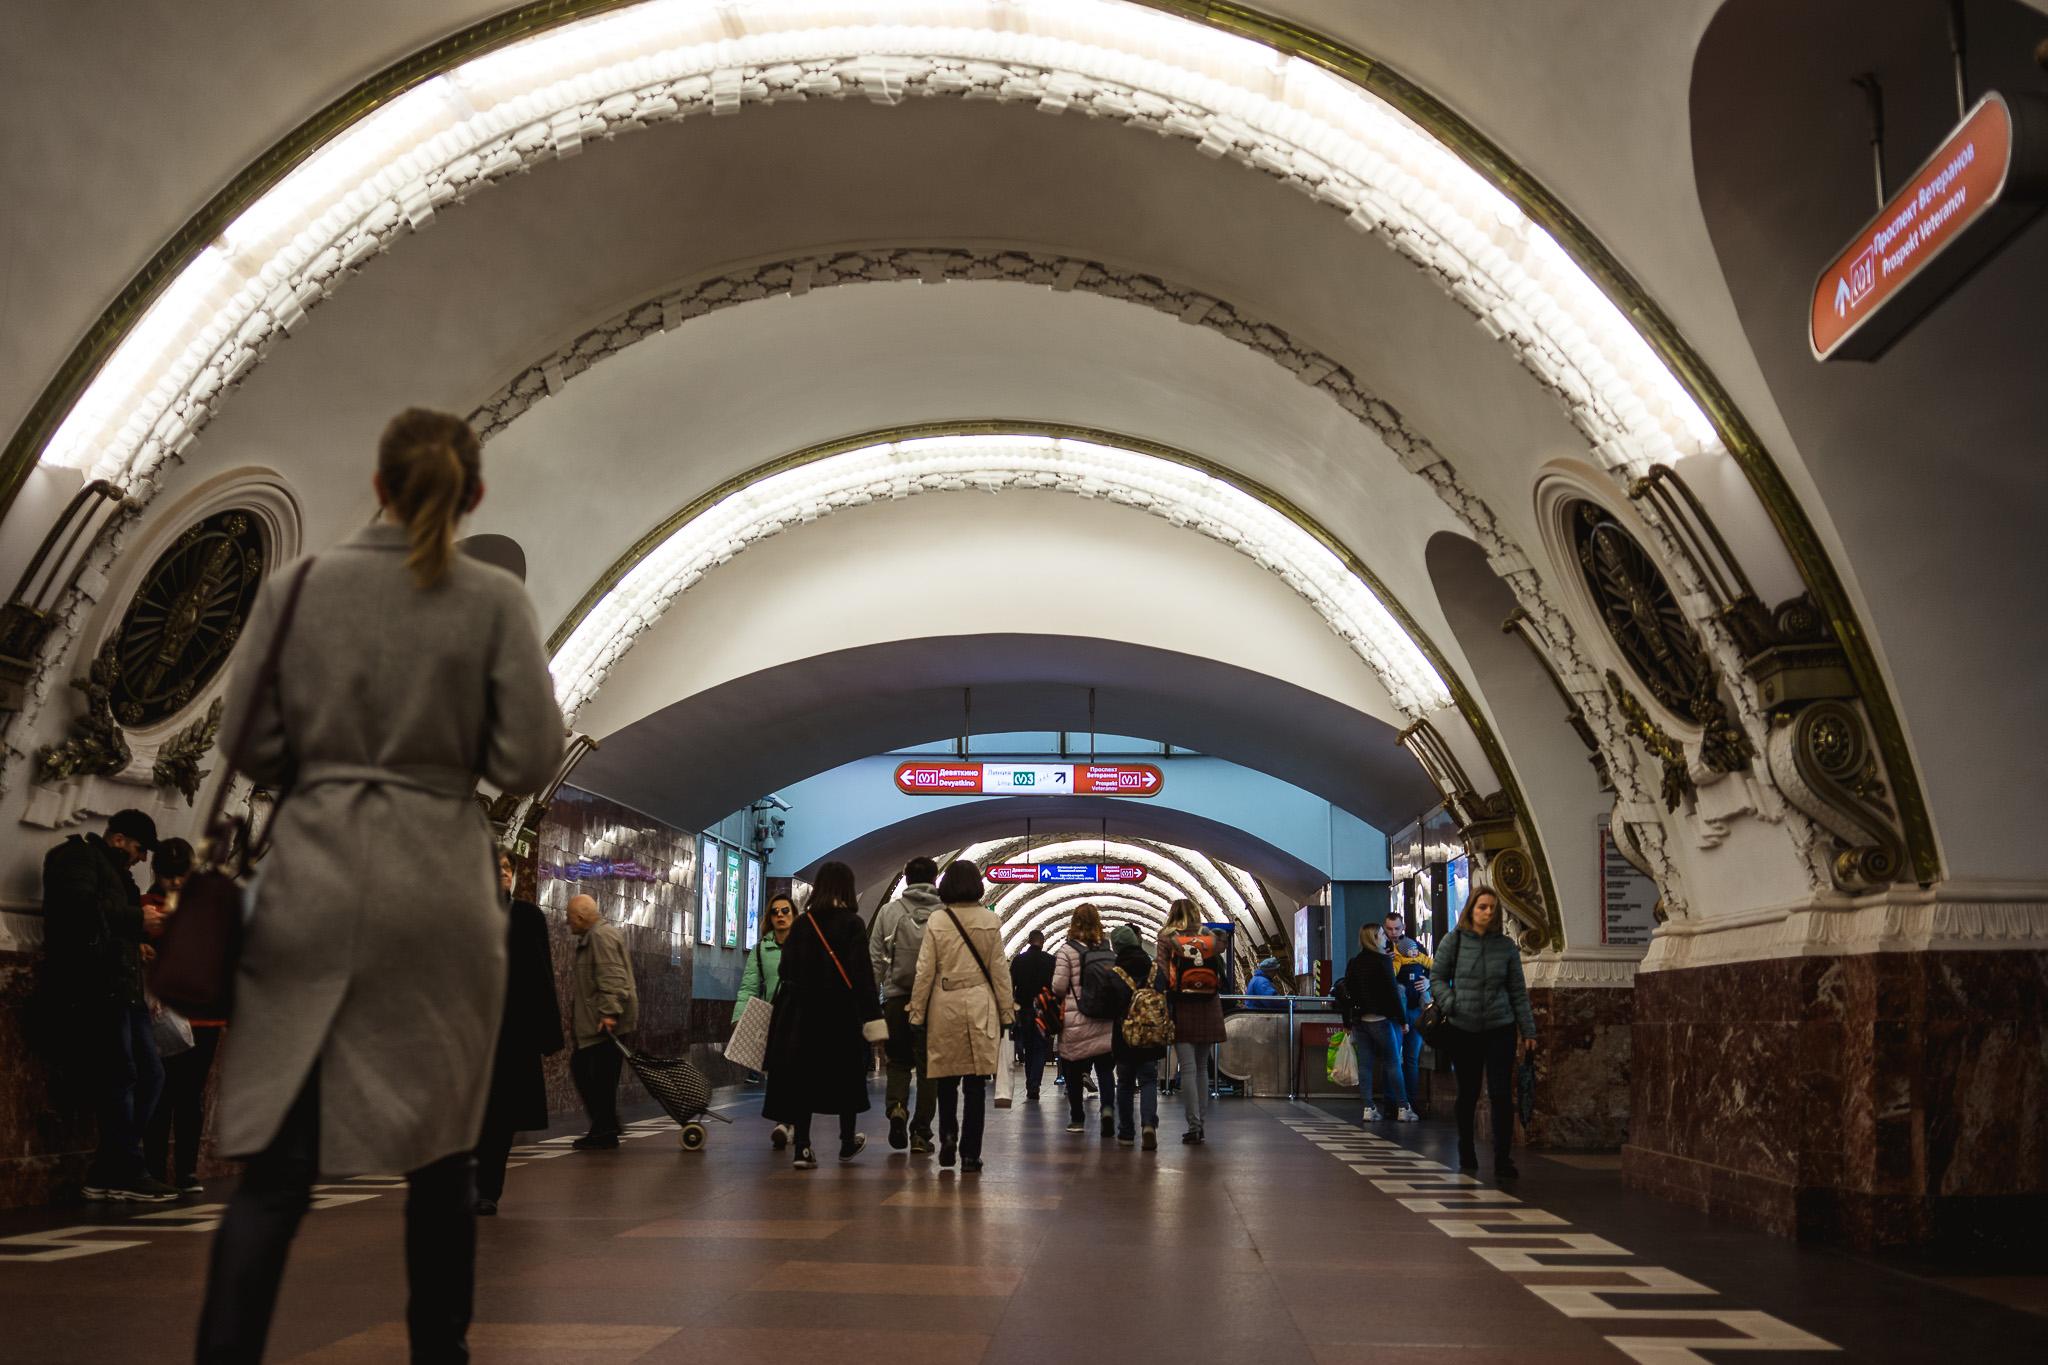 Jedna z wielu zdobiony stacji metra w Petersburgu